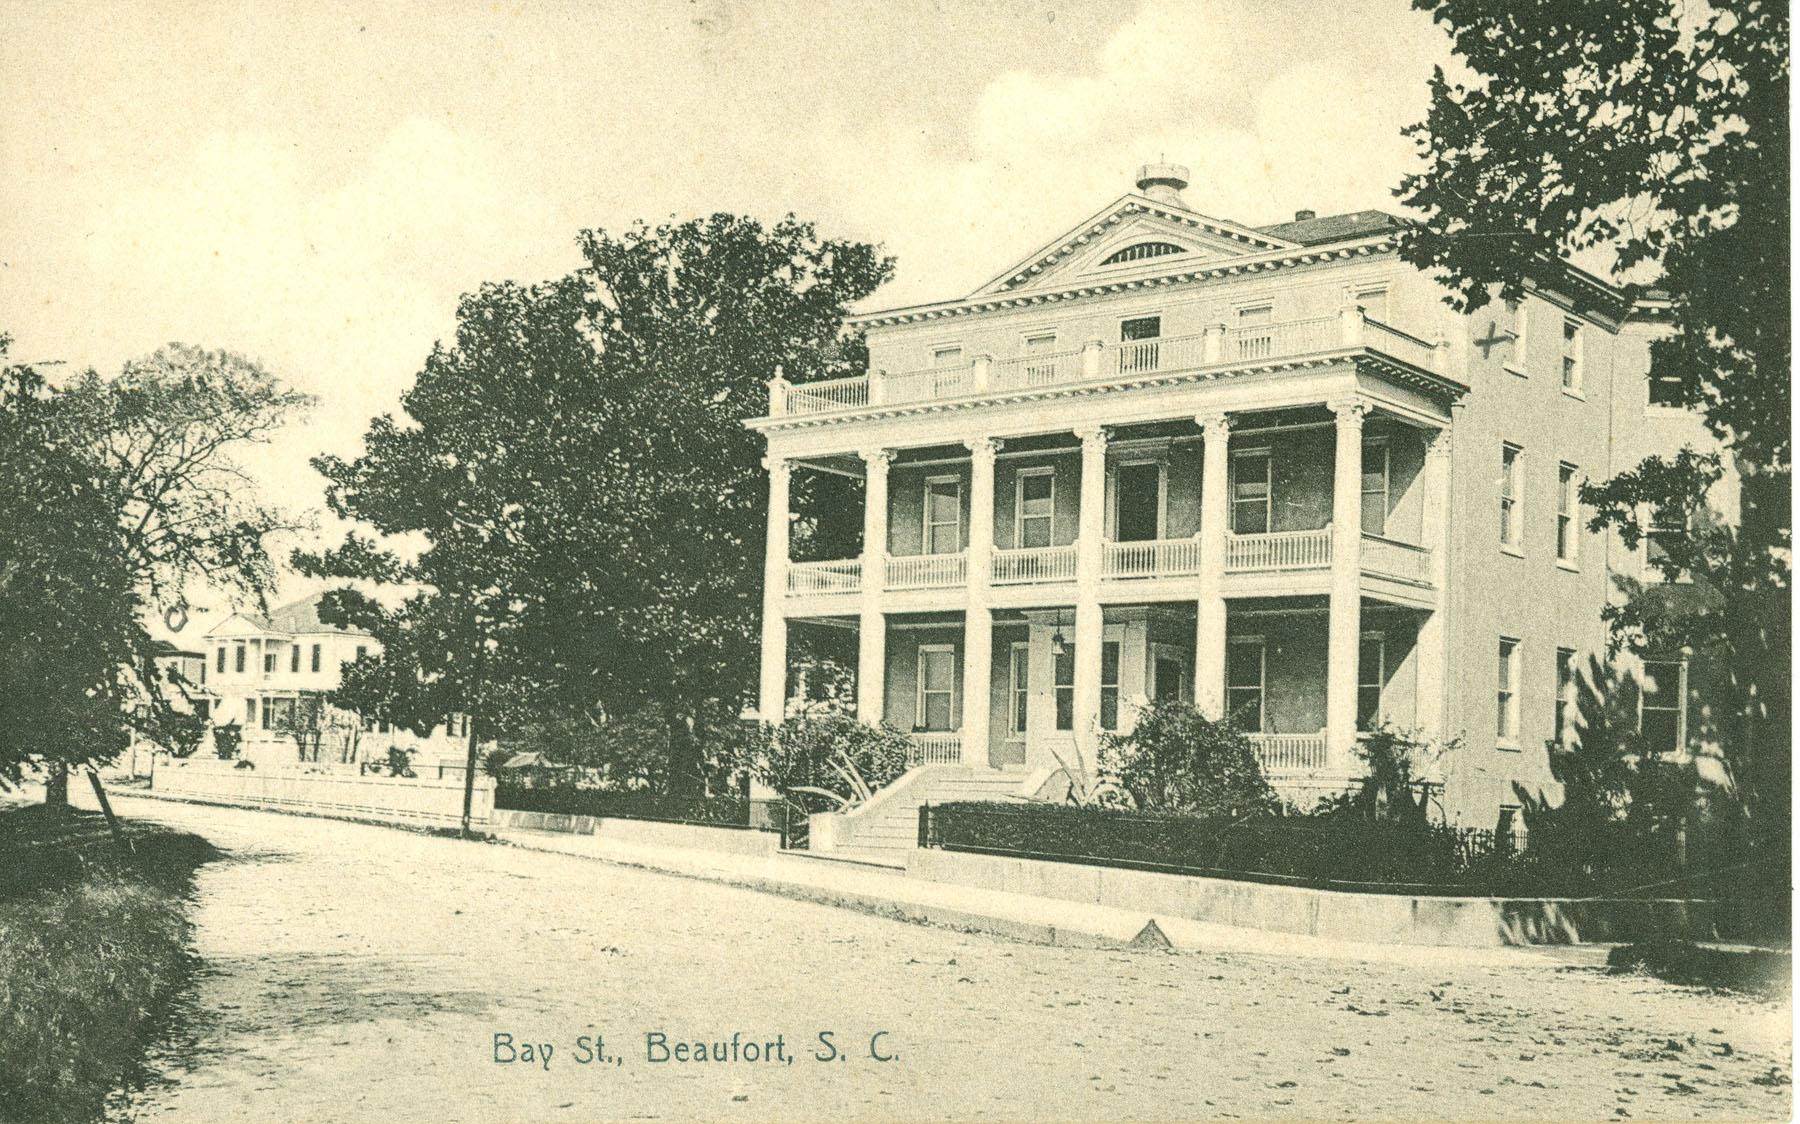 Bay St. in Beaufort